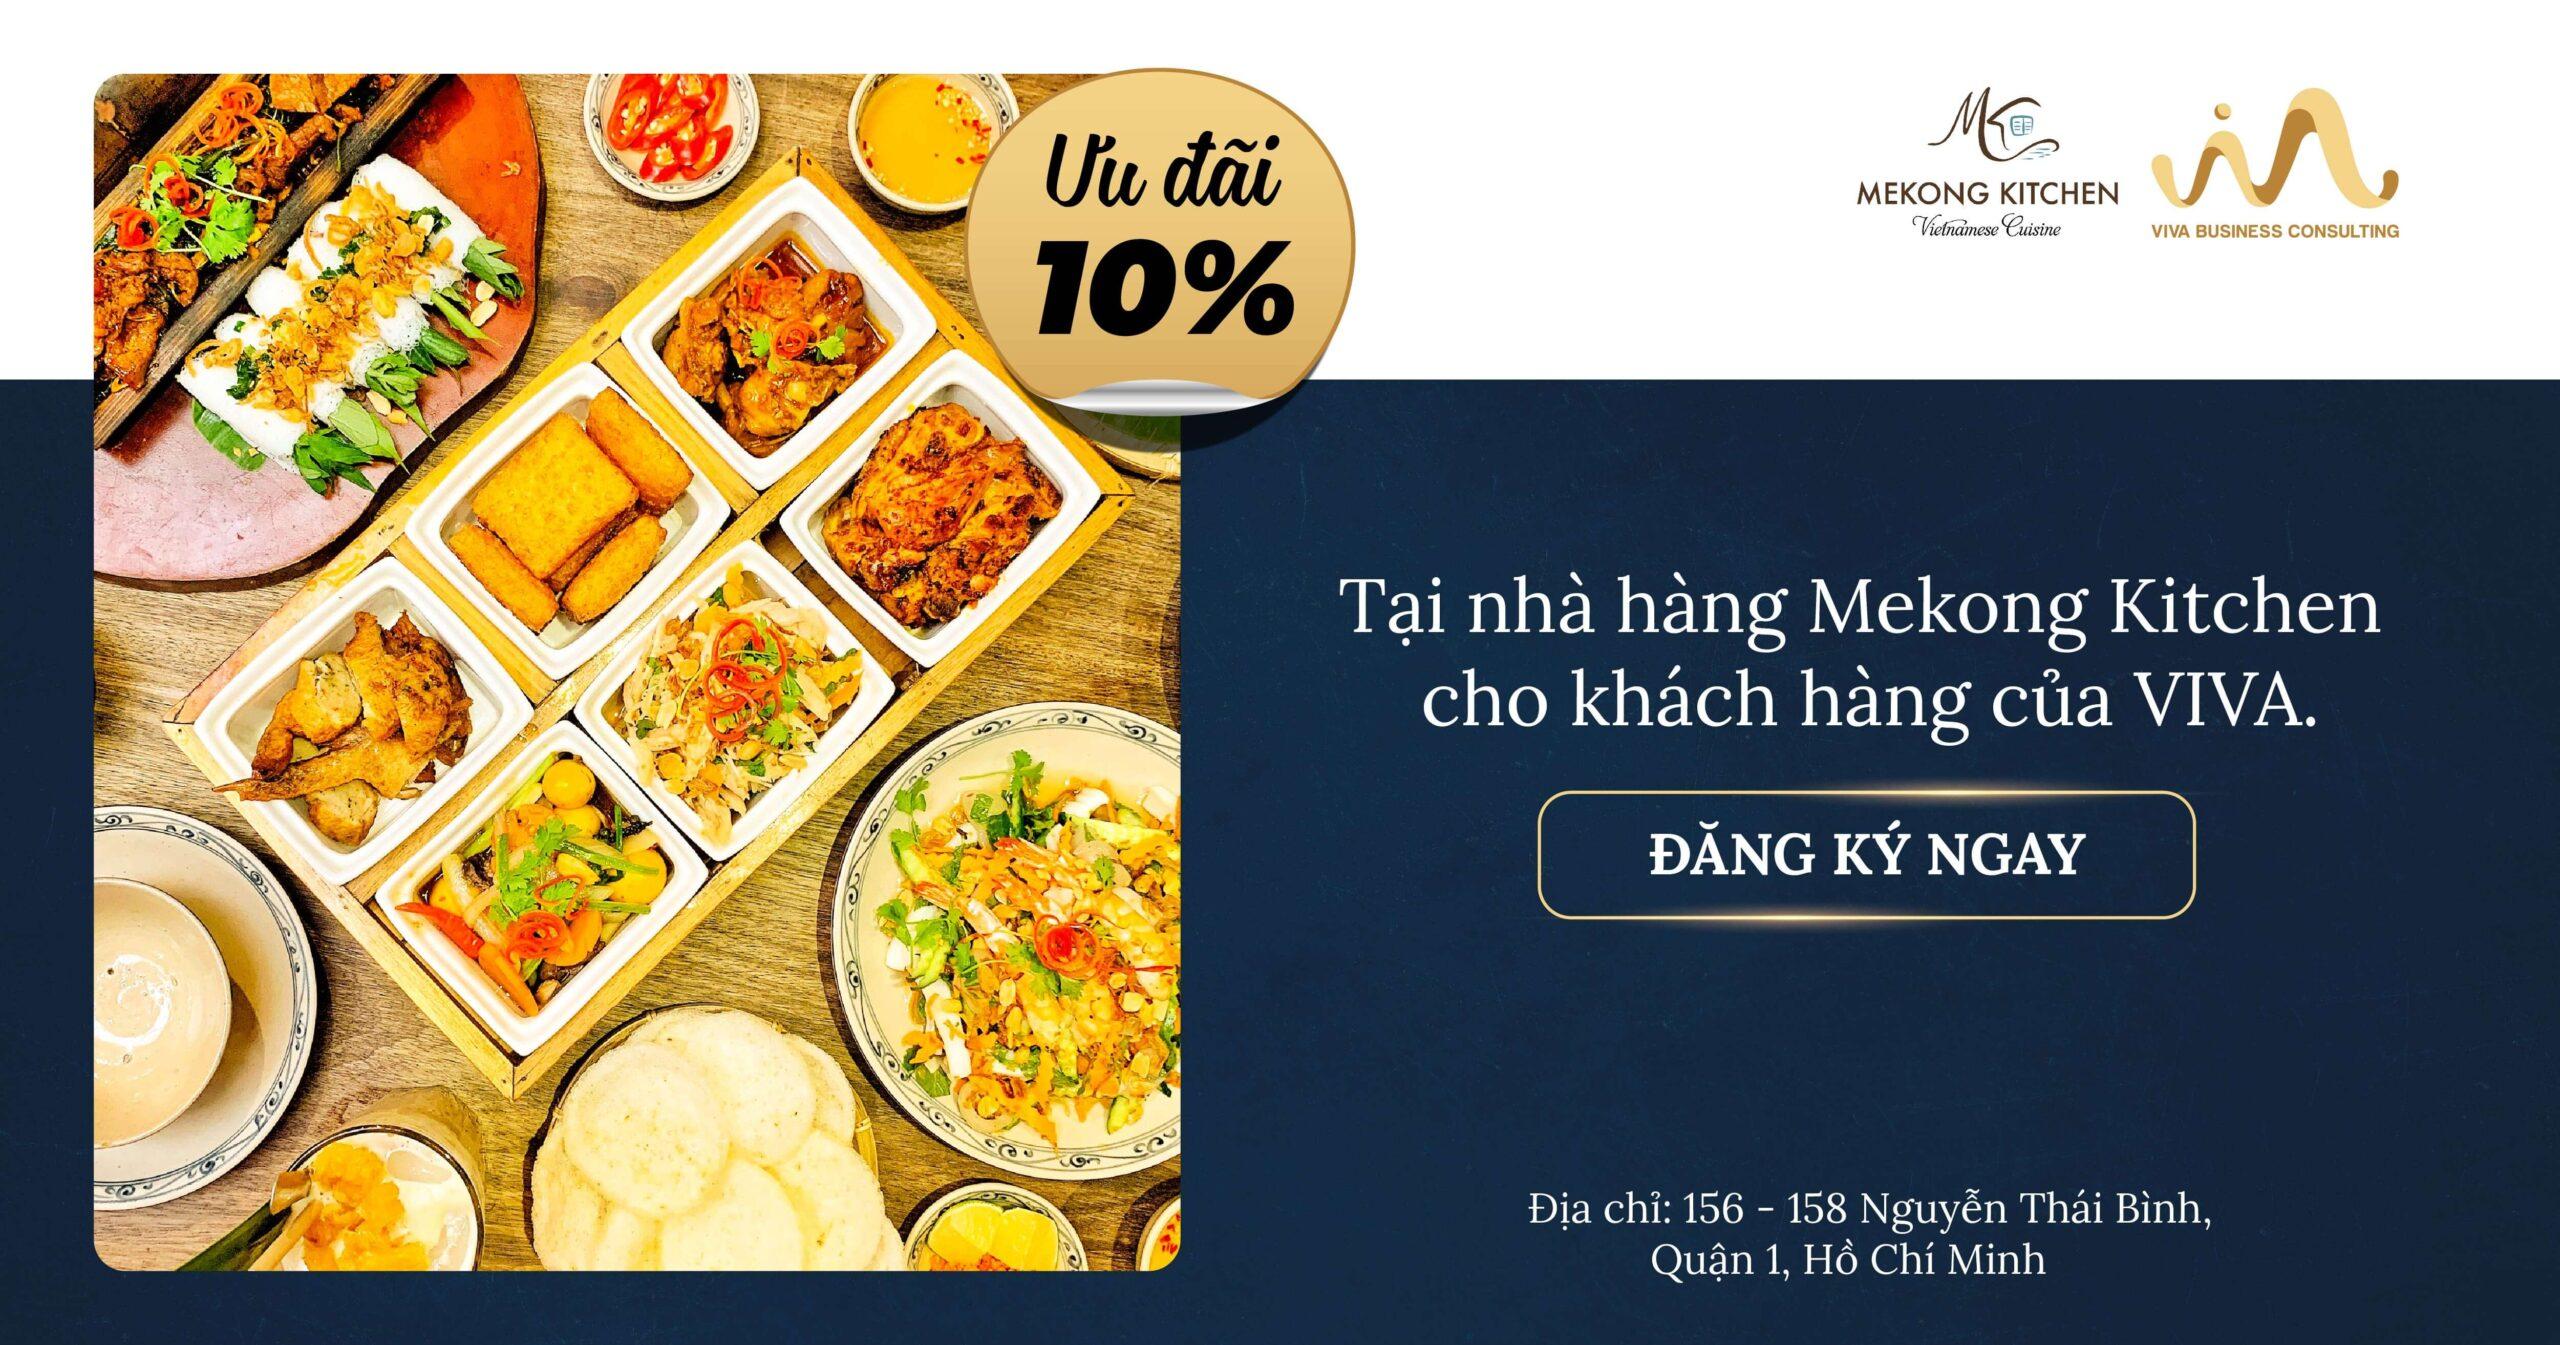 Ưu đãi từ Mekong Kitchen dành riêng cho khách hàng của VIVA